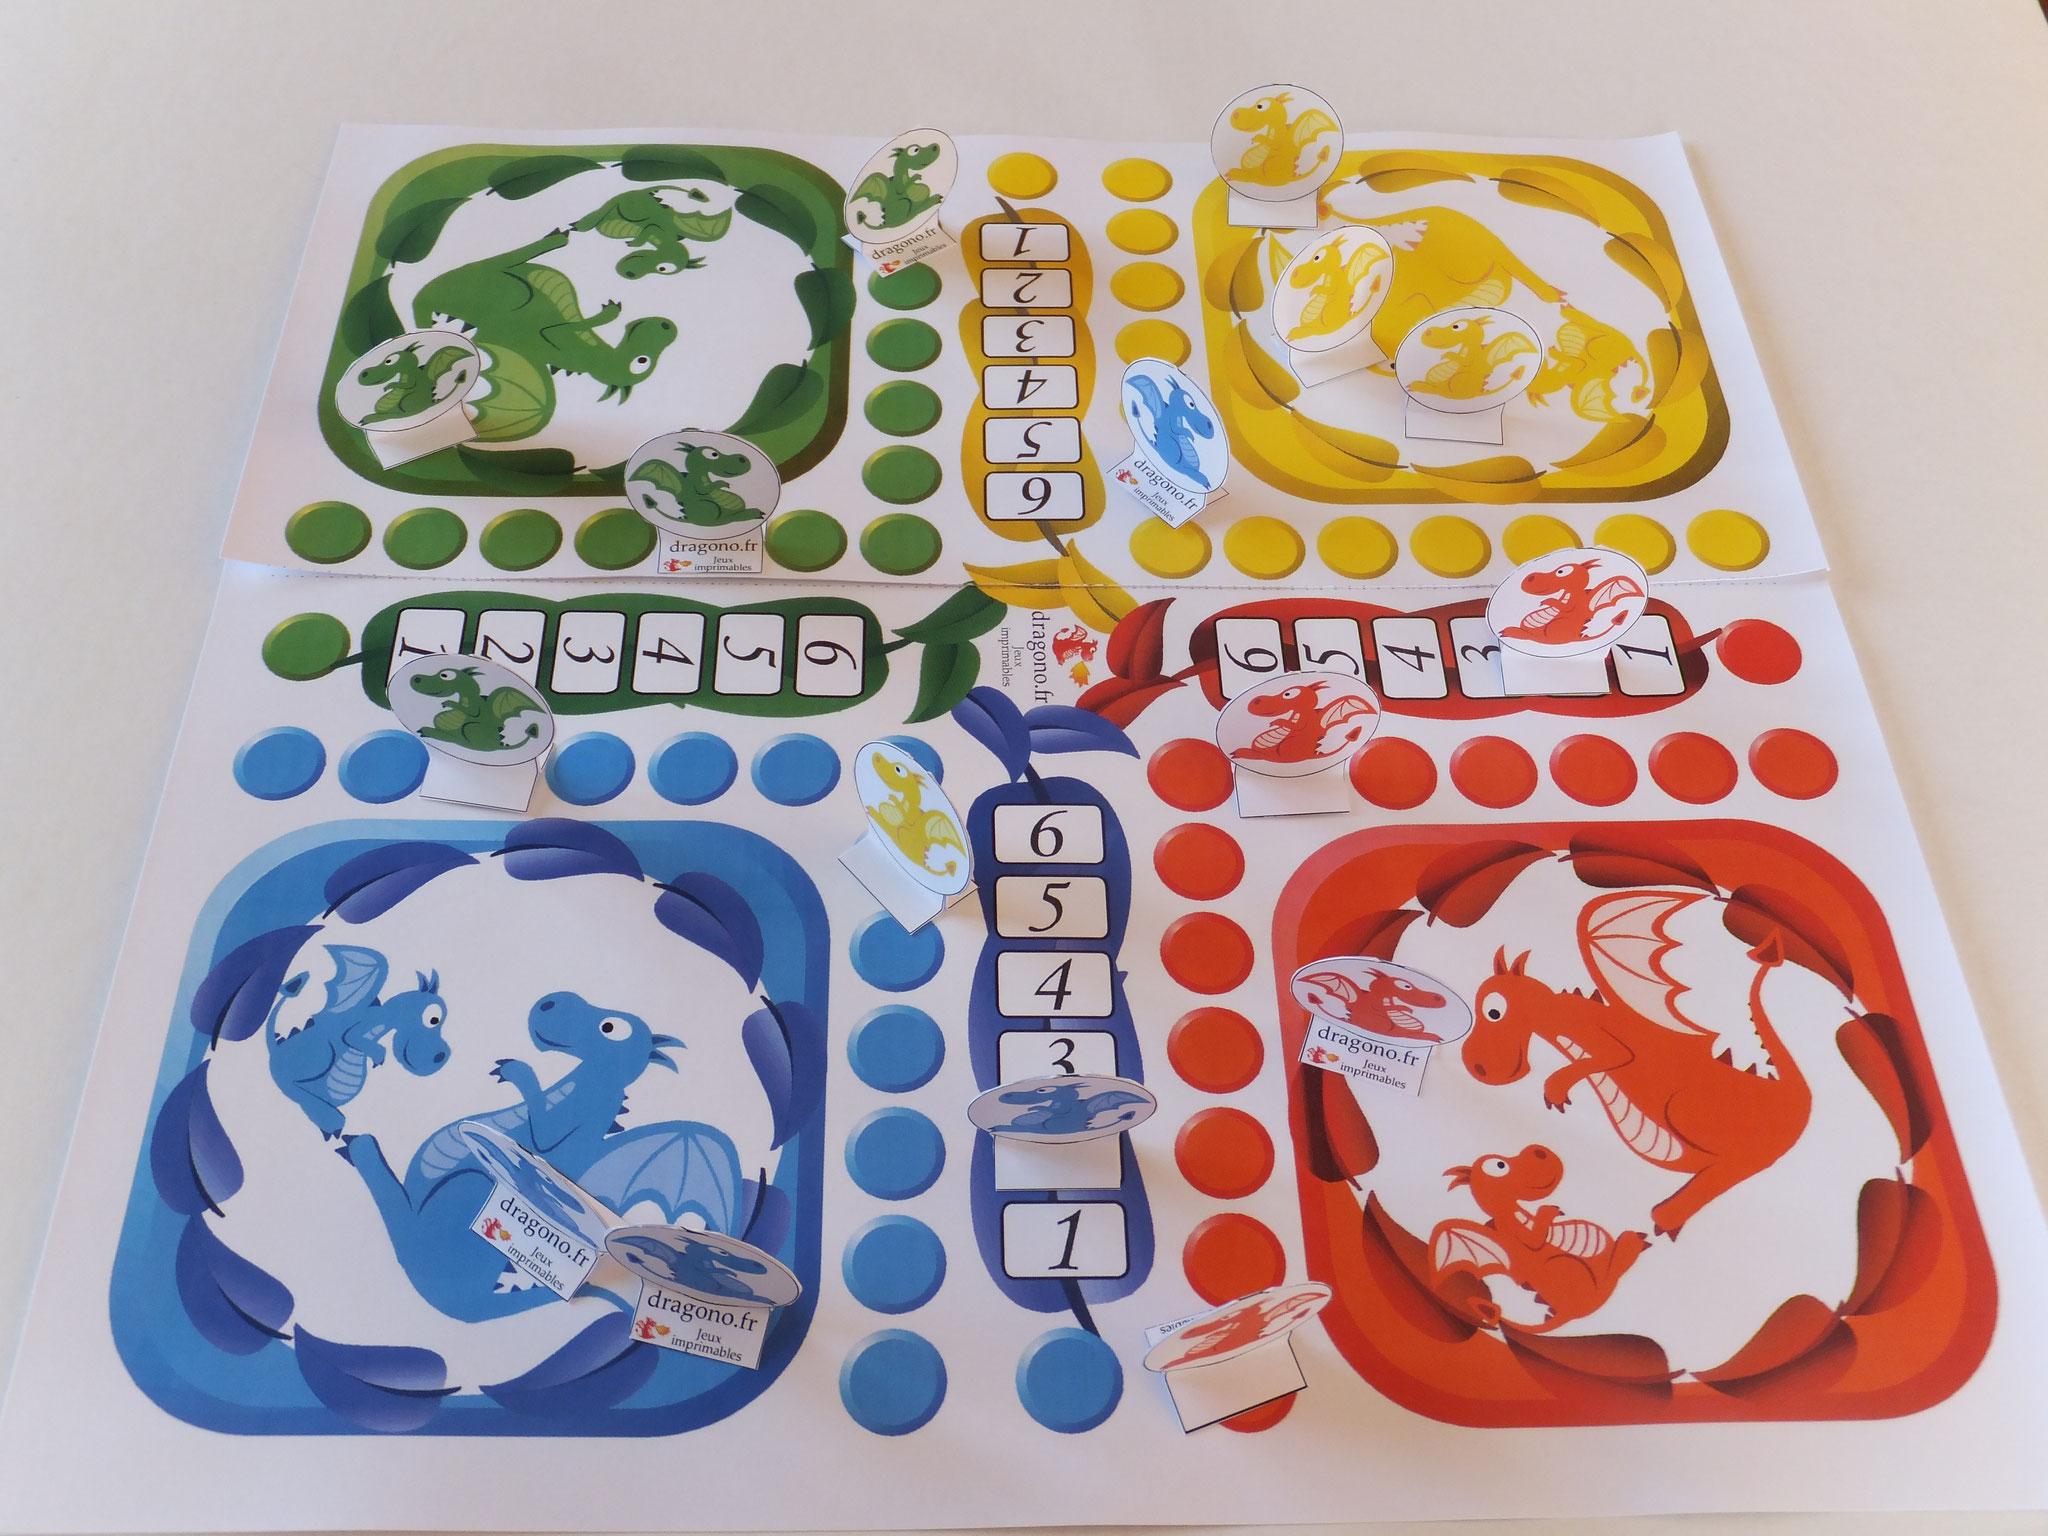 Jeux A Imprimer Pour Enfants, Famille, Ludiques, Éducatifs tout Jeux Enfant 3 Ans Gratuit